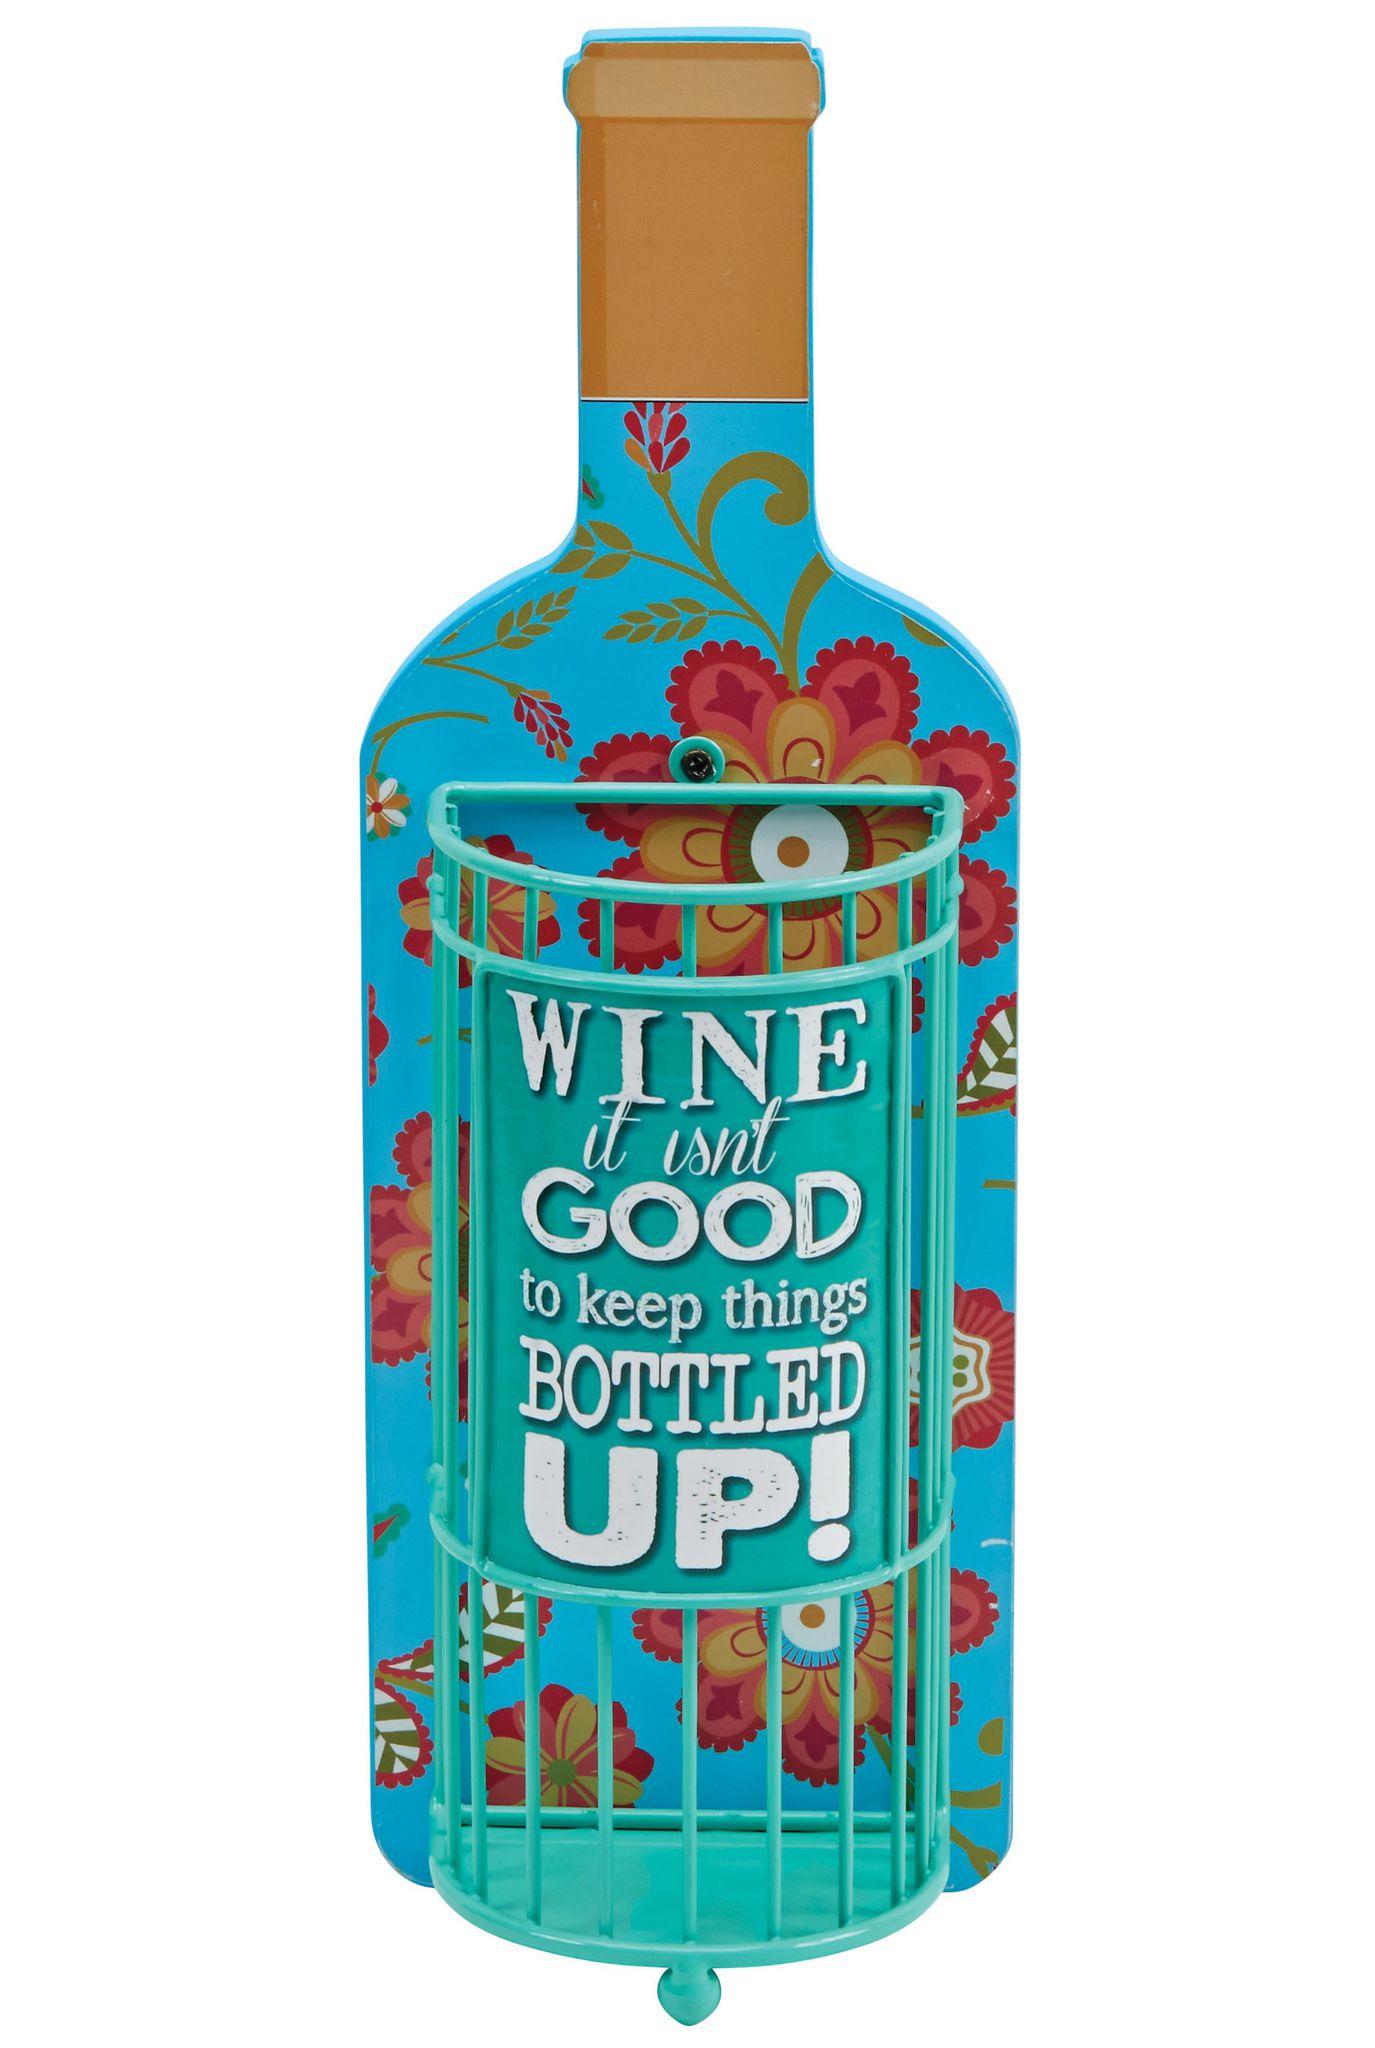 Кухня Декоративная емкость для винных пробок Boston Warehouse Bottled Up dekorativnaya-emkost-dlya-vinnyh-probok-boston-warehouse-bottled-up-ssha-kitay.jpg